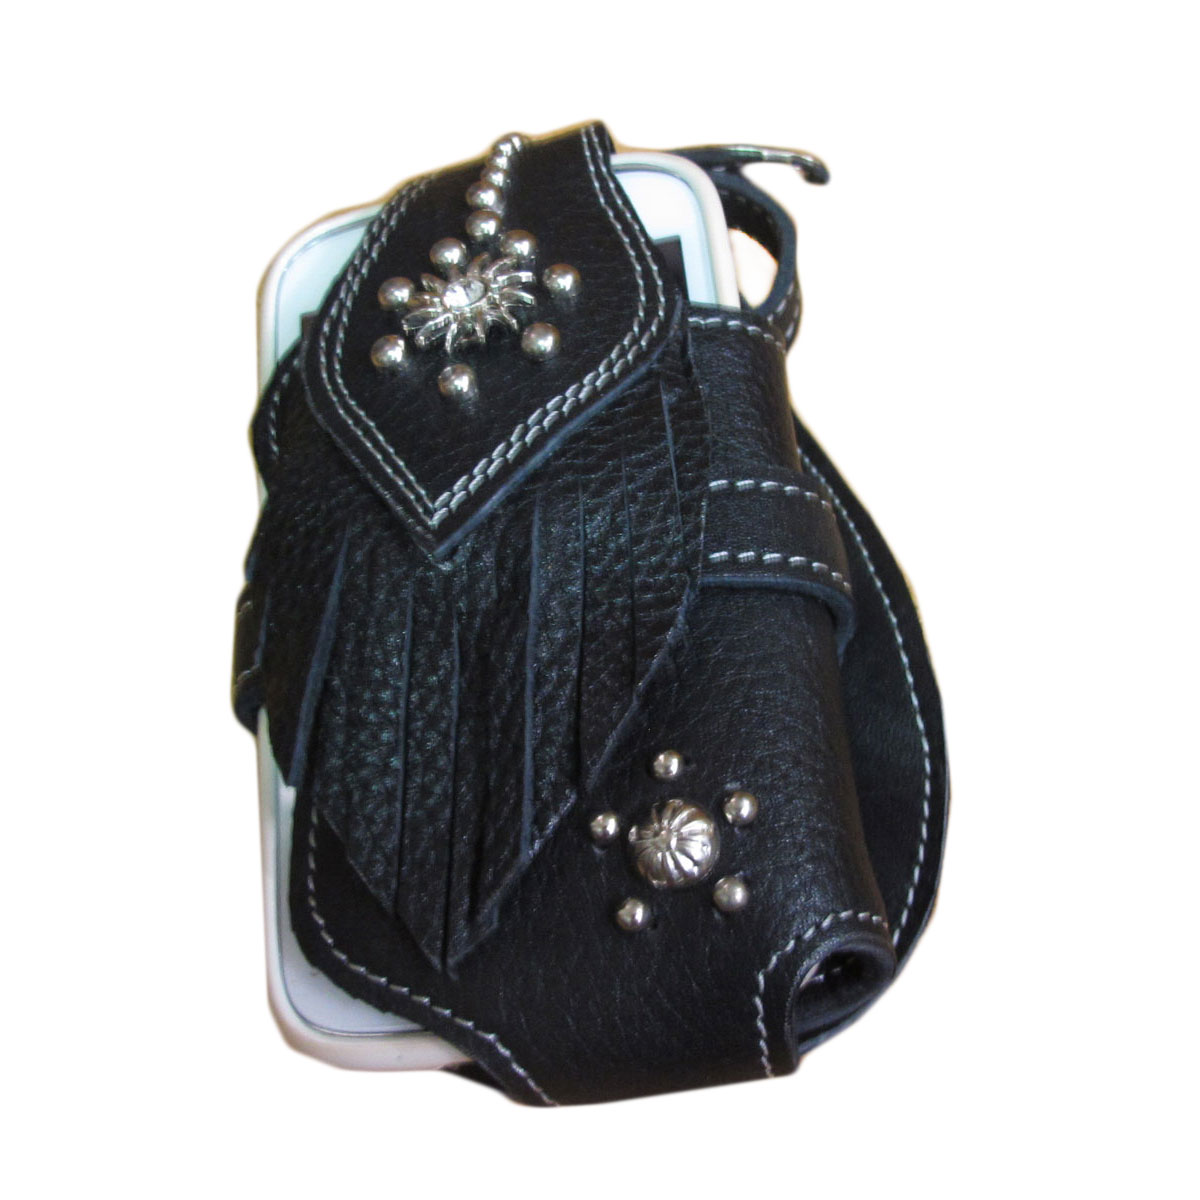 กระเป๋าใส่โทรศัพท์ หนังวัวแท้ ประดับด้วย เม็ดเงิน และ พลอยขาว มีเข็มขัดเพื่อยึดตัวกระเป๋า